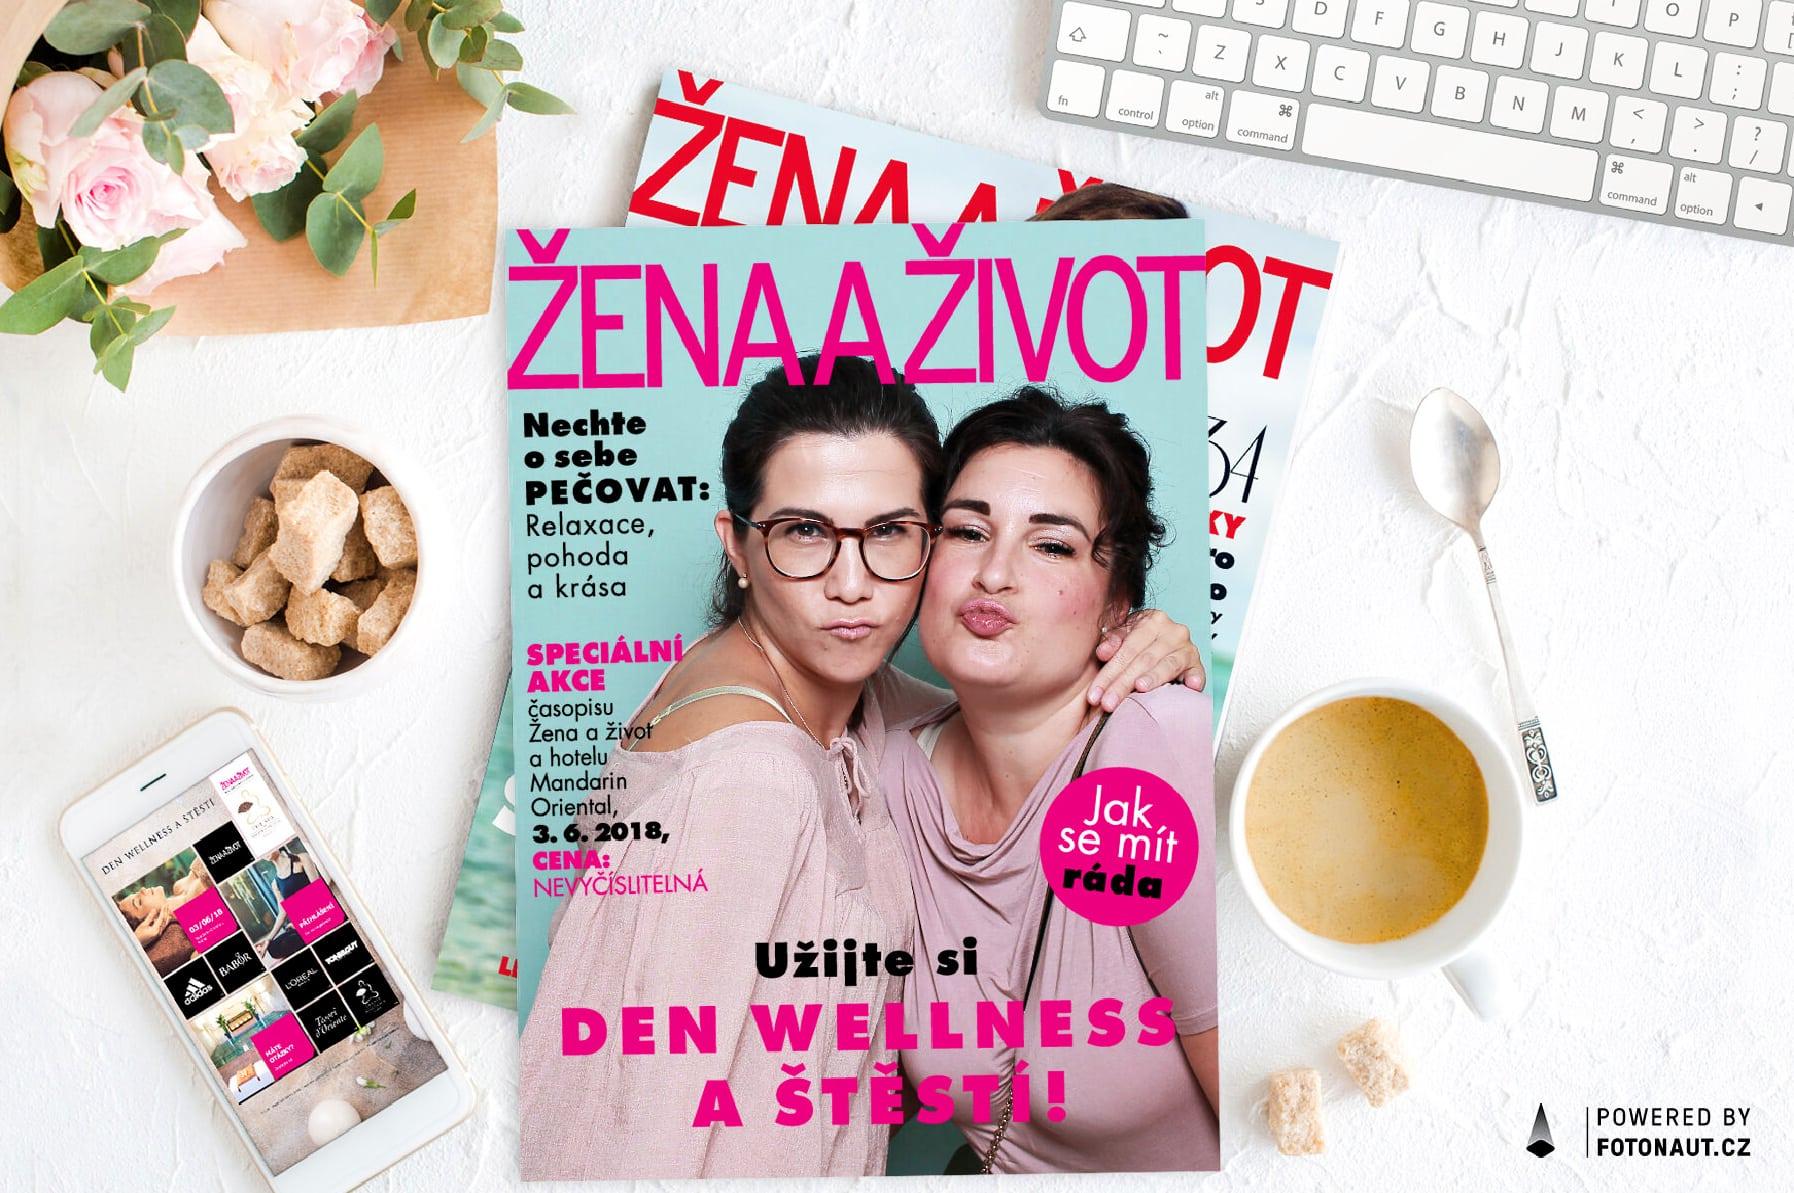 fotokoutek-zena-a-zivot-3-6-2018-429449